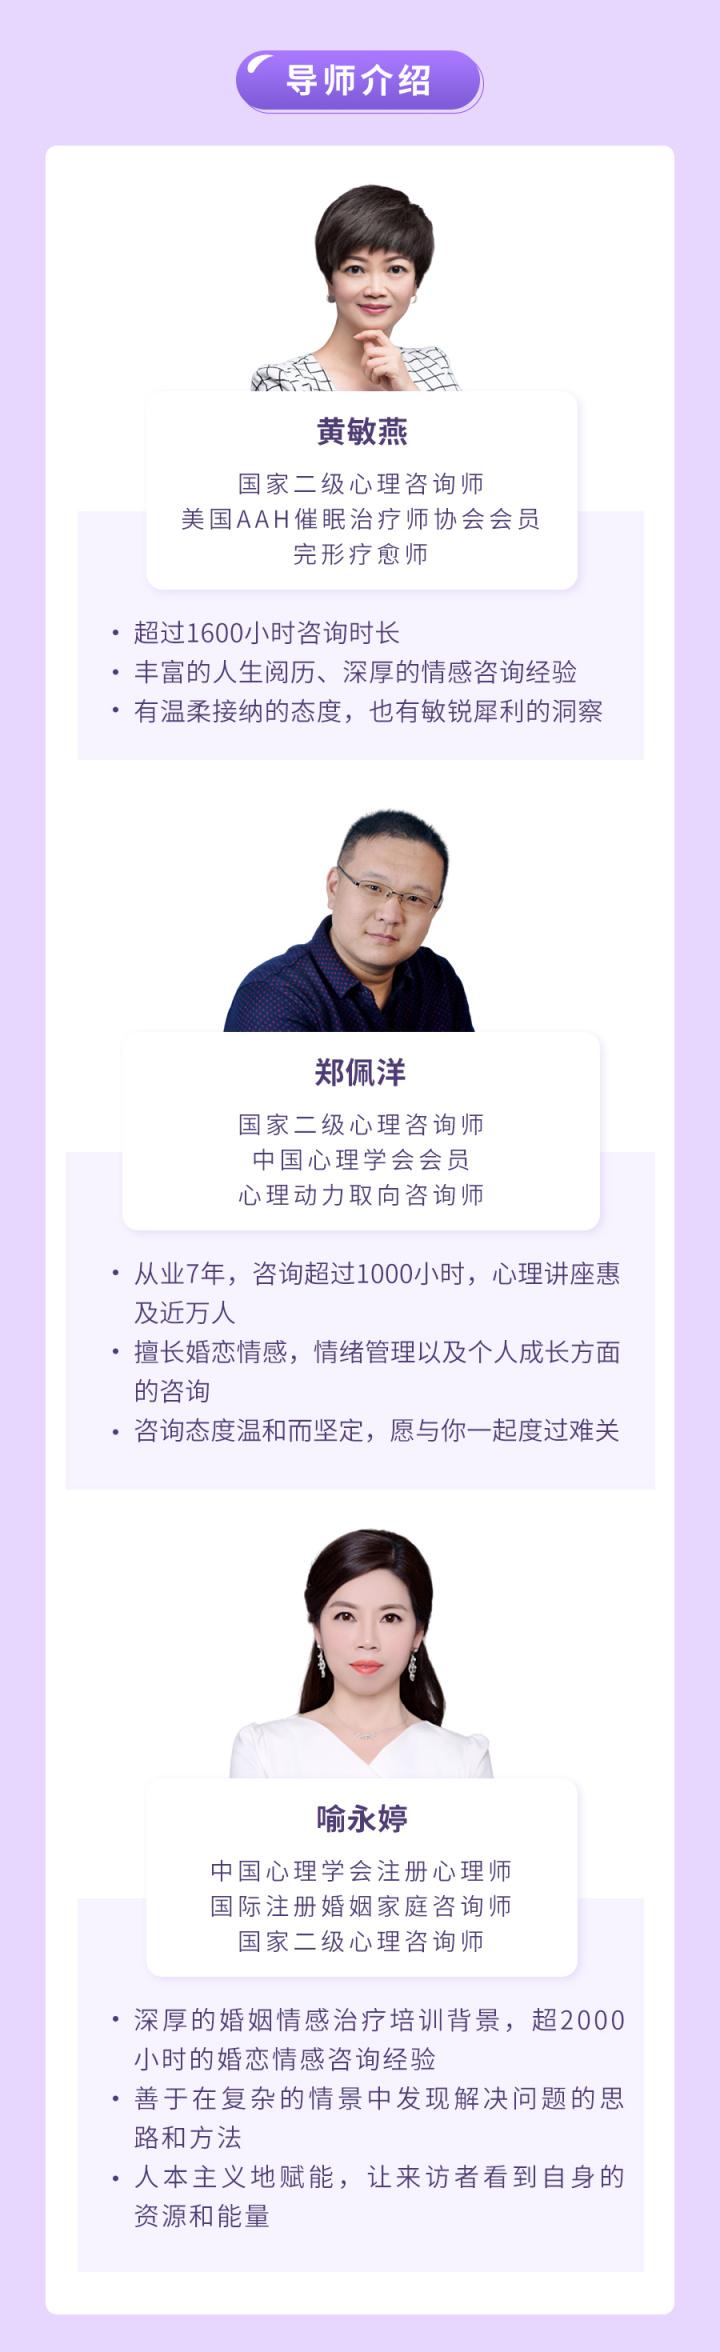 婚姻十一期详情页(新).jpg